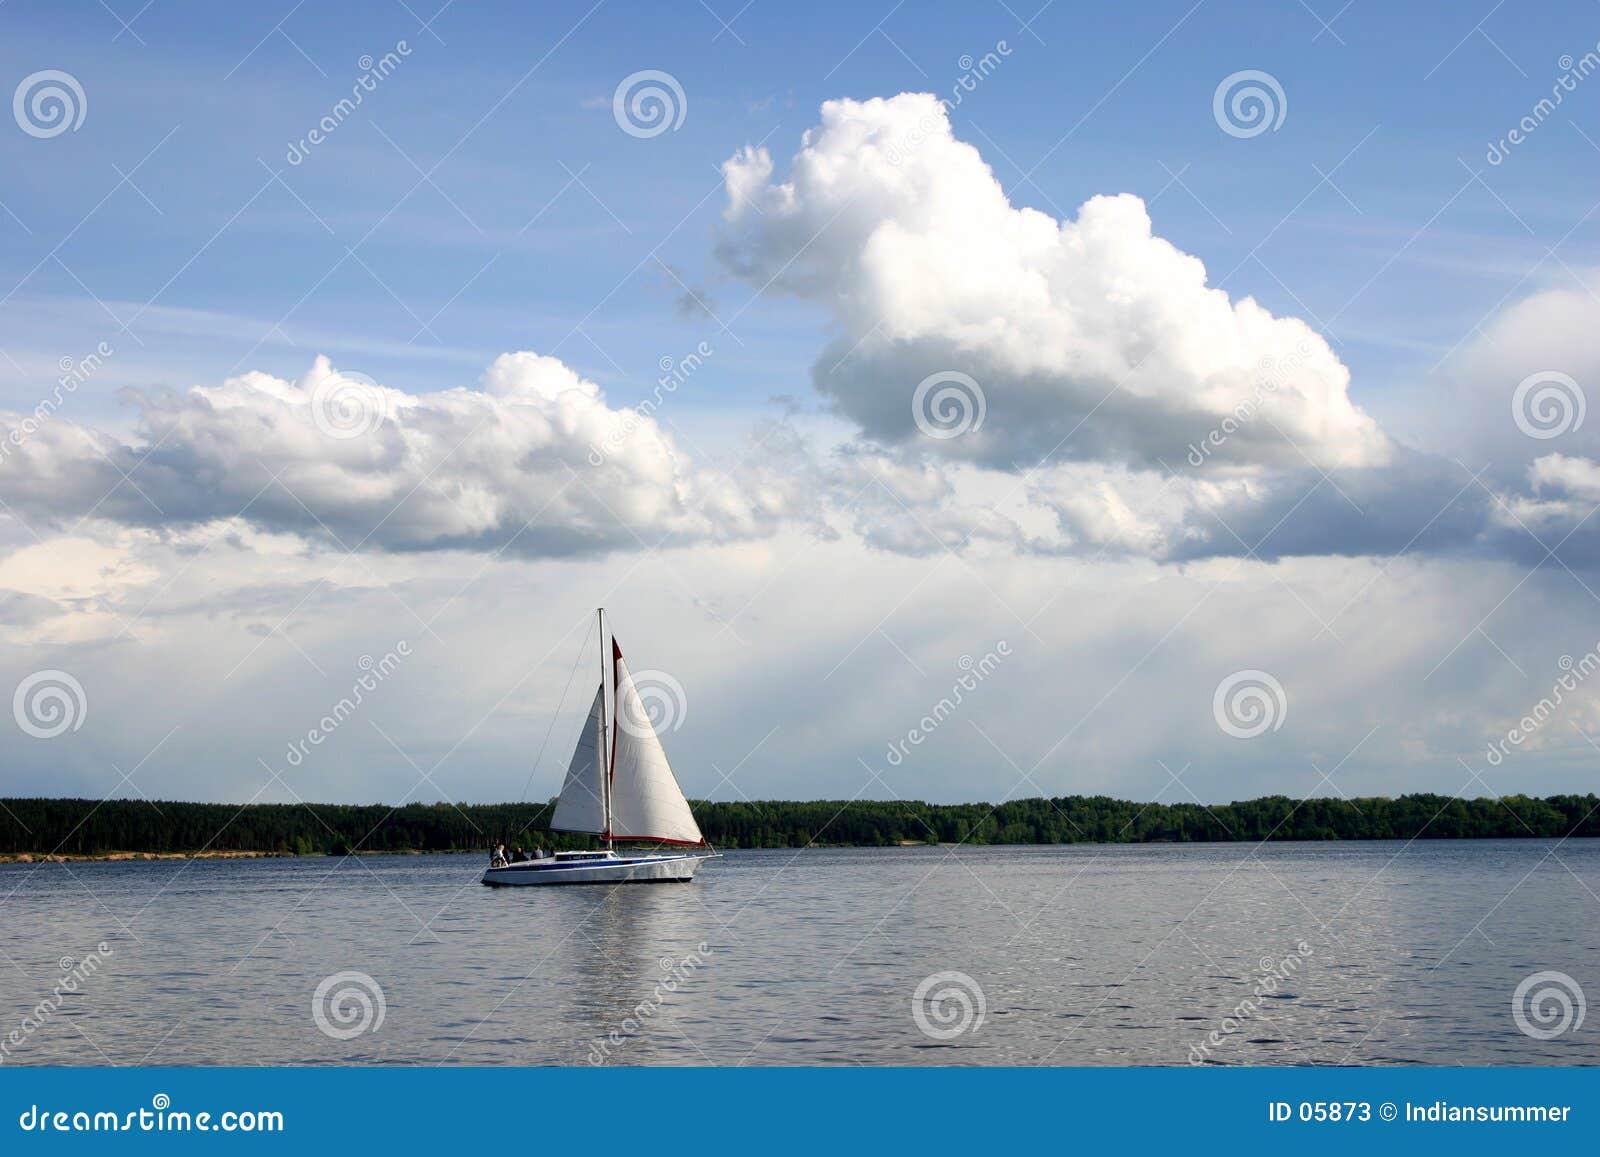 Eu estou navegando?